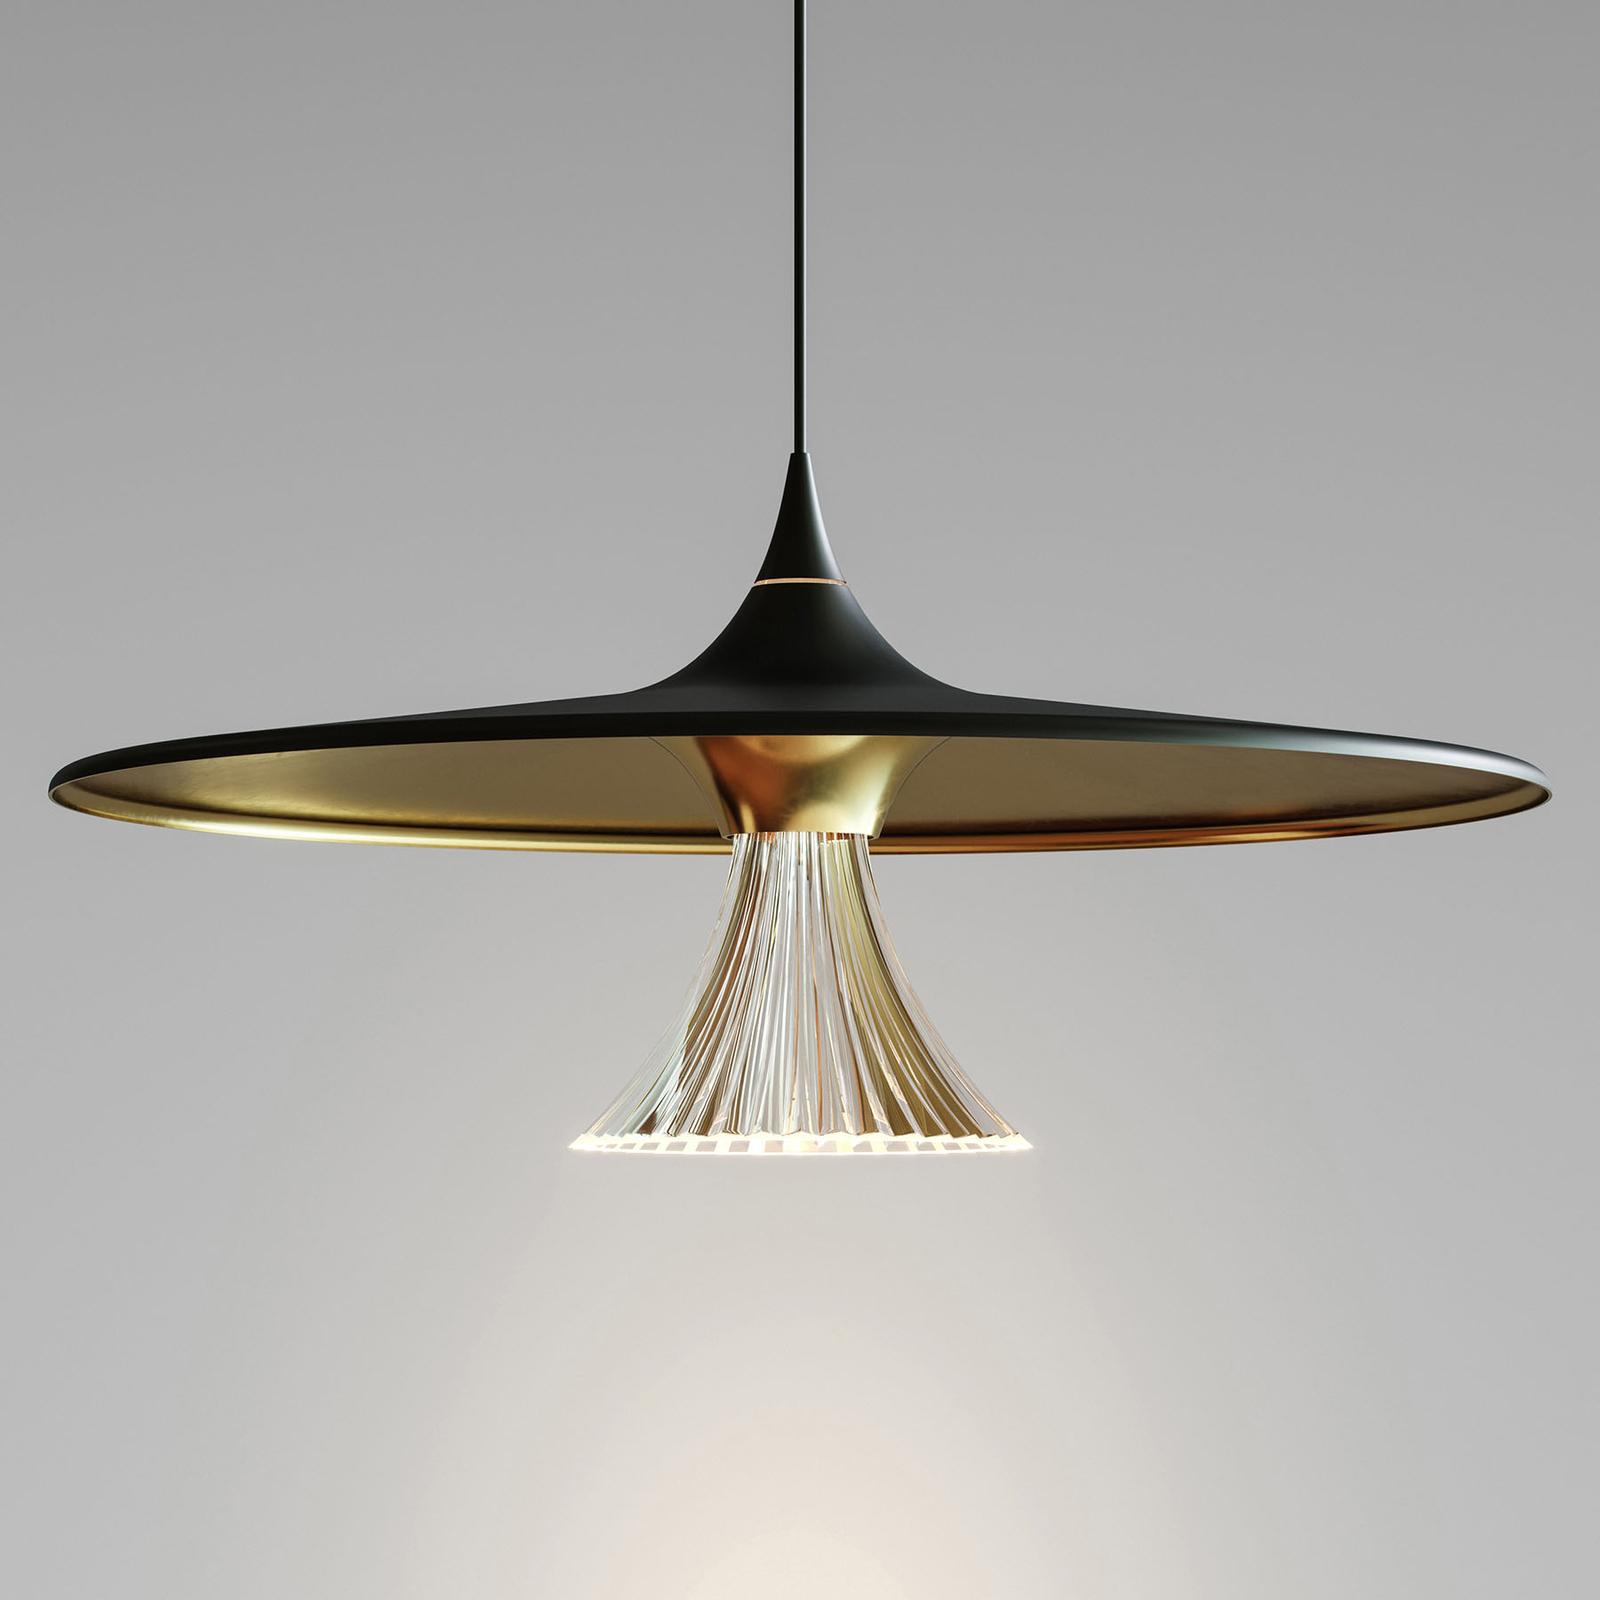 Artemide Ipno LED-Hängeleuchte, schwarz-gold